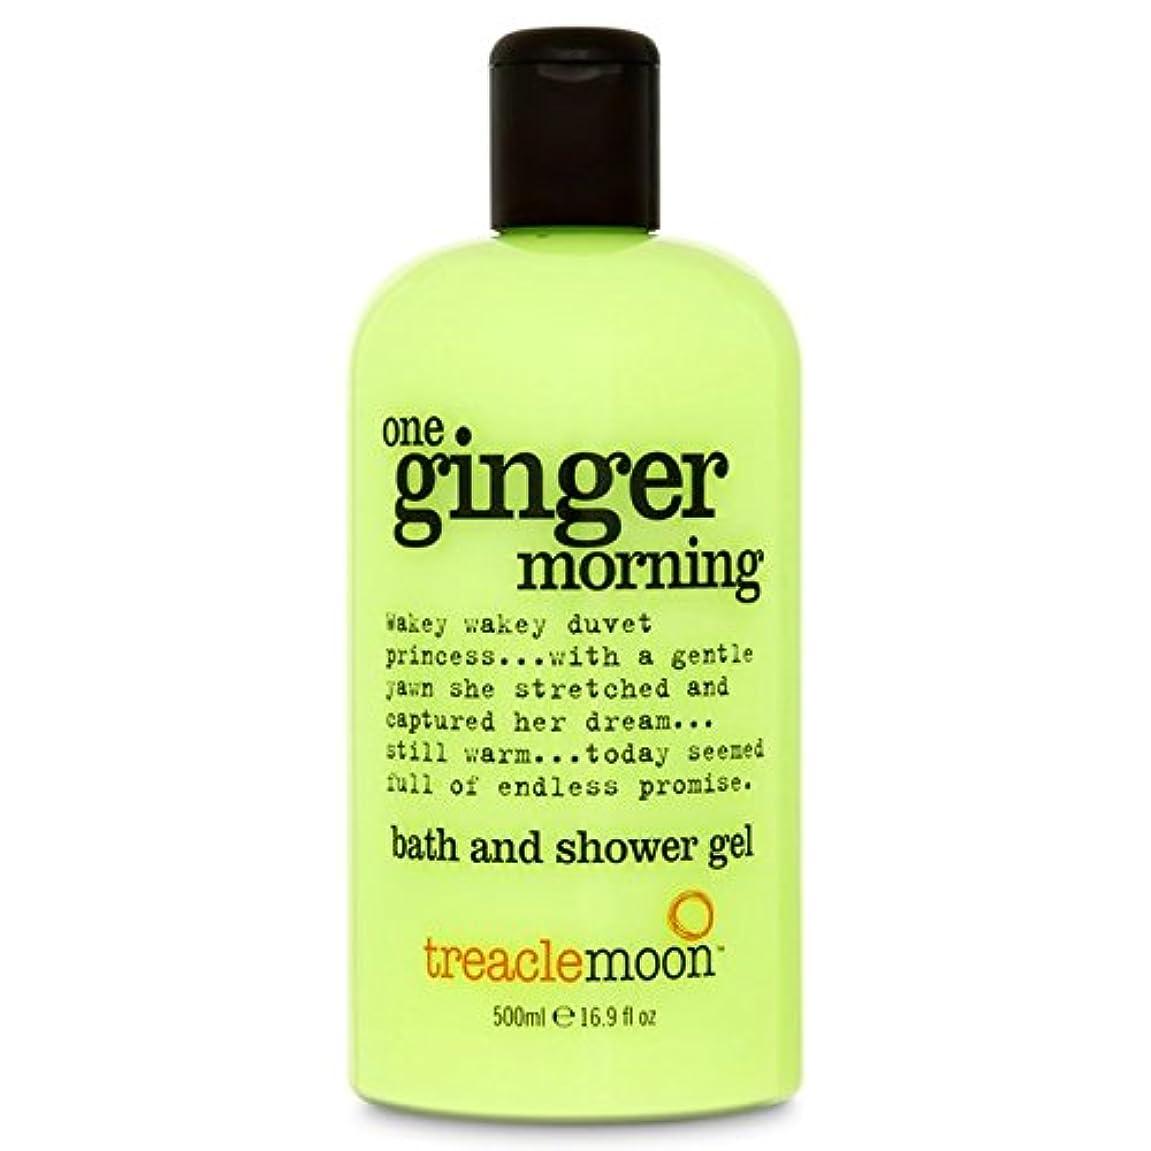 誠実明らか冷酷なTreacle Moon Ginger Bath & Shower Gel 500ml - 糖蜜ムーンジンジャーバス&シャワージェル500ミリリットル [並行輸入品]